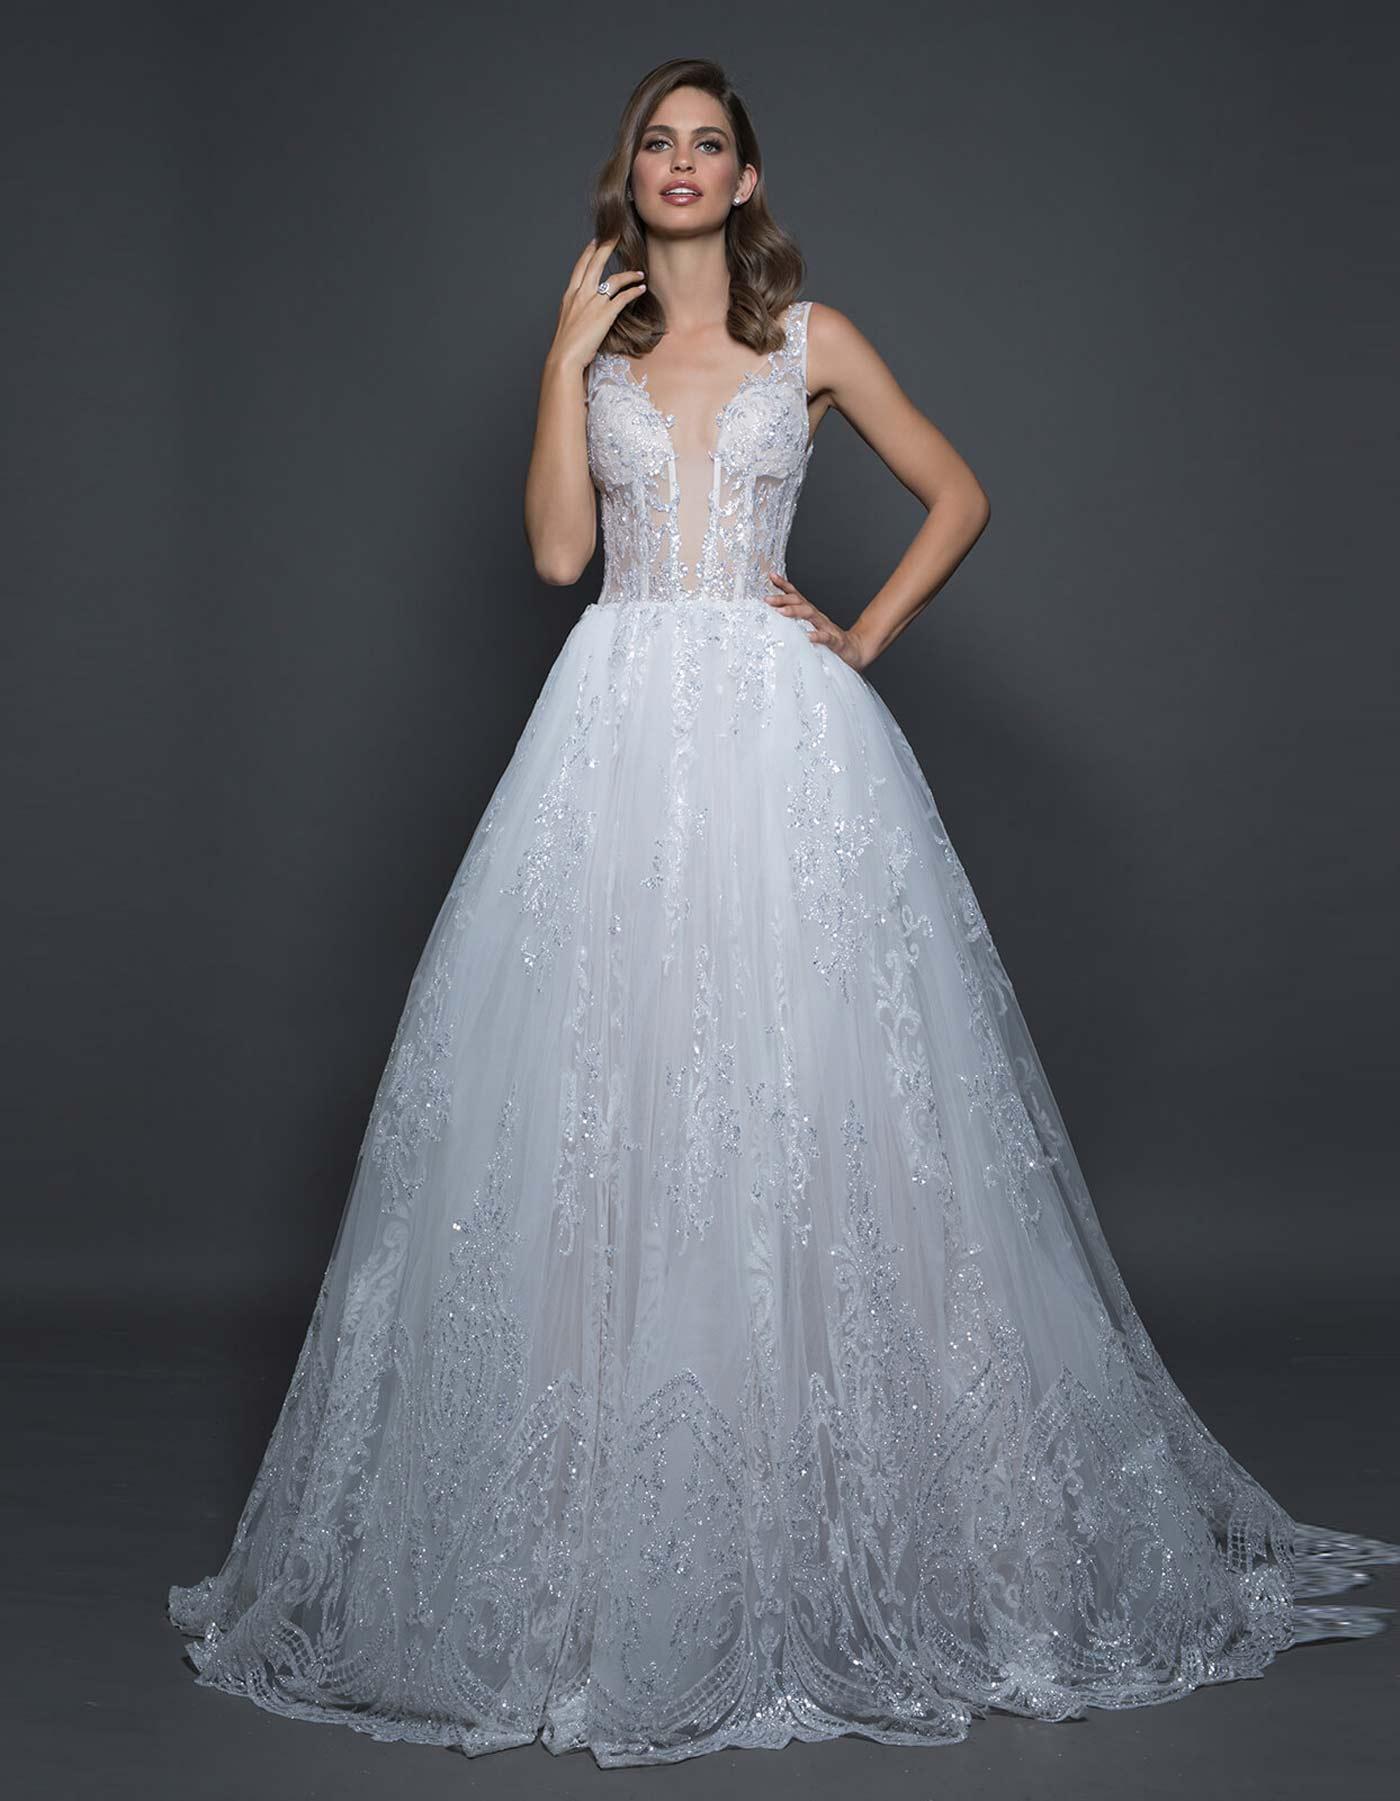 Glitter ball gown wedding dress   14606 by Pnina Tornai Love